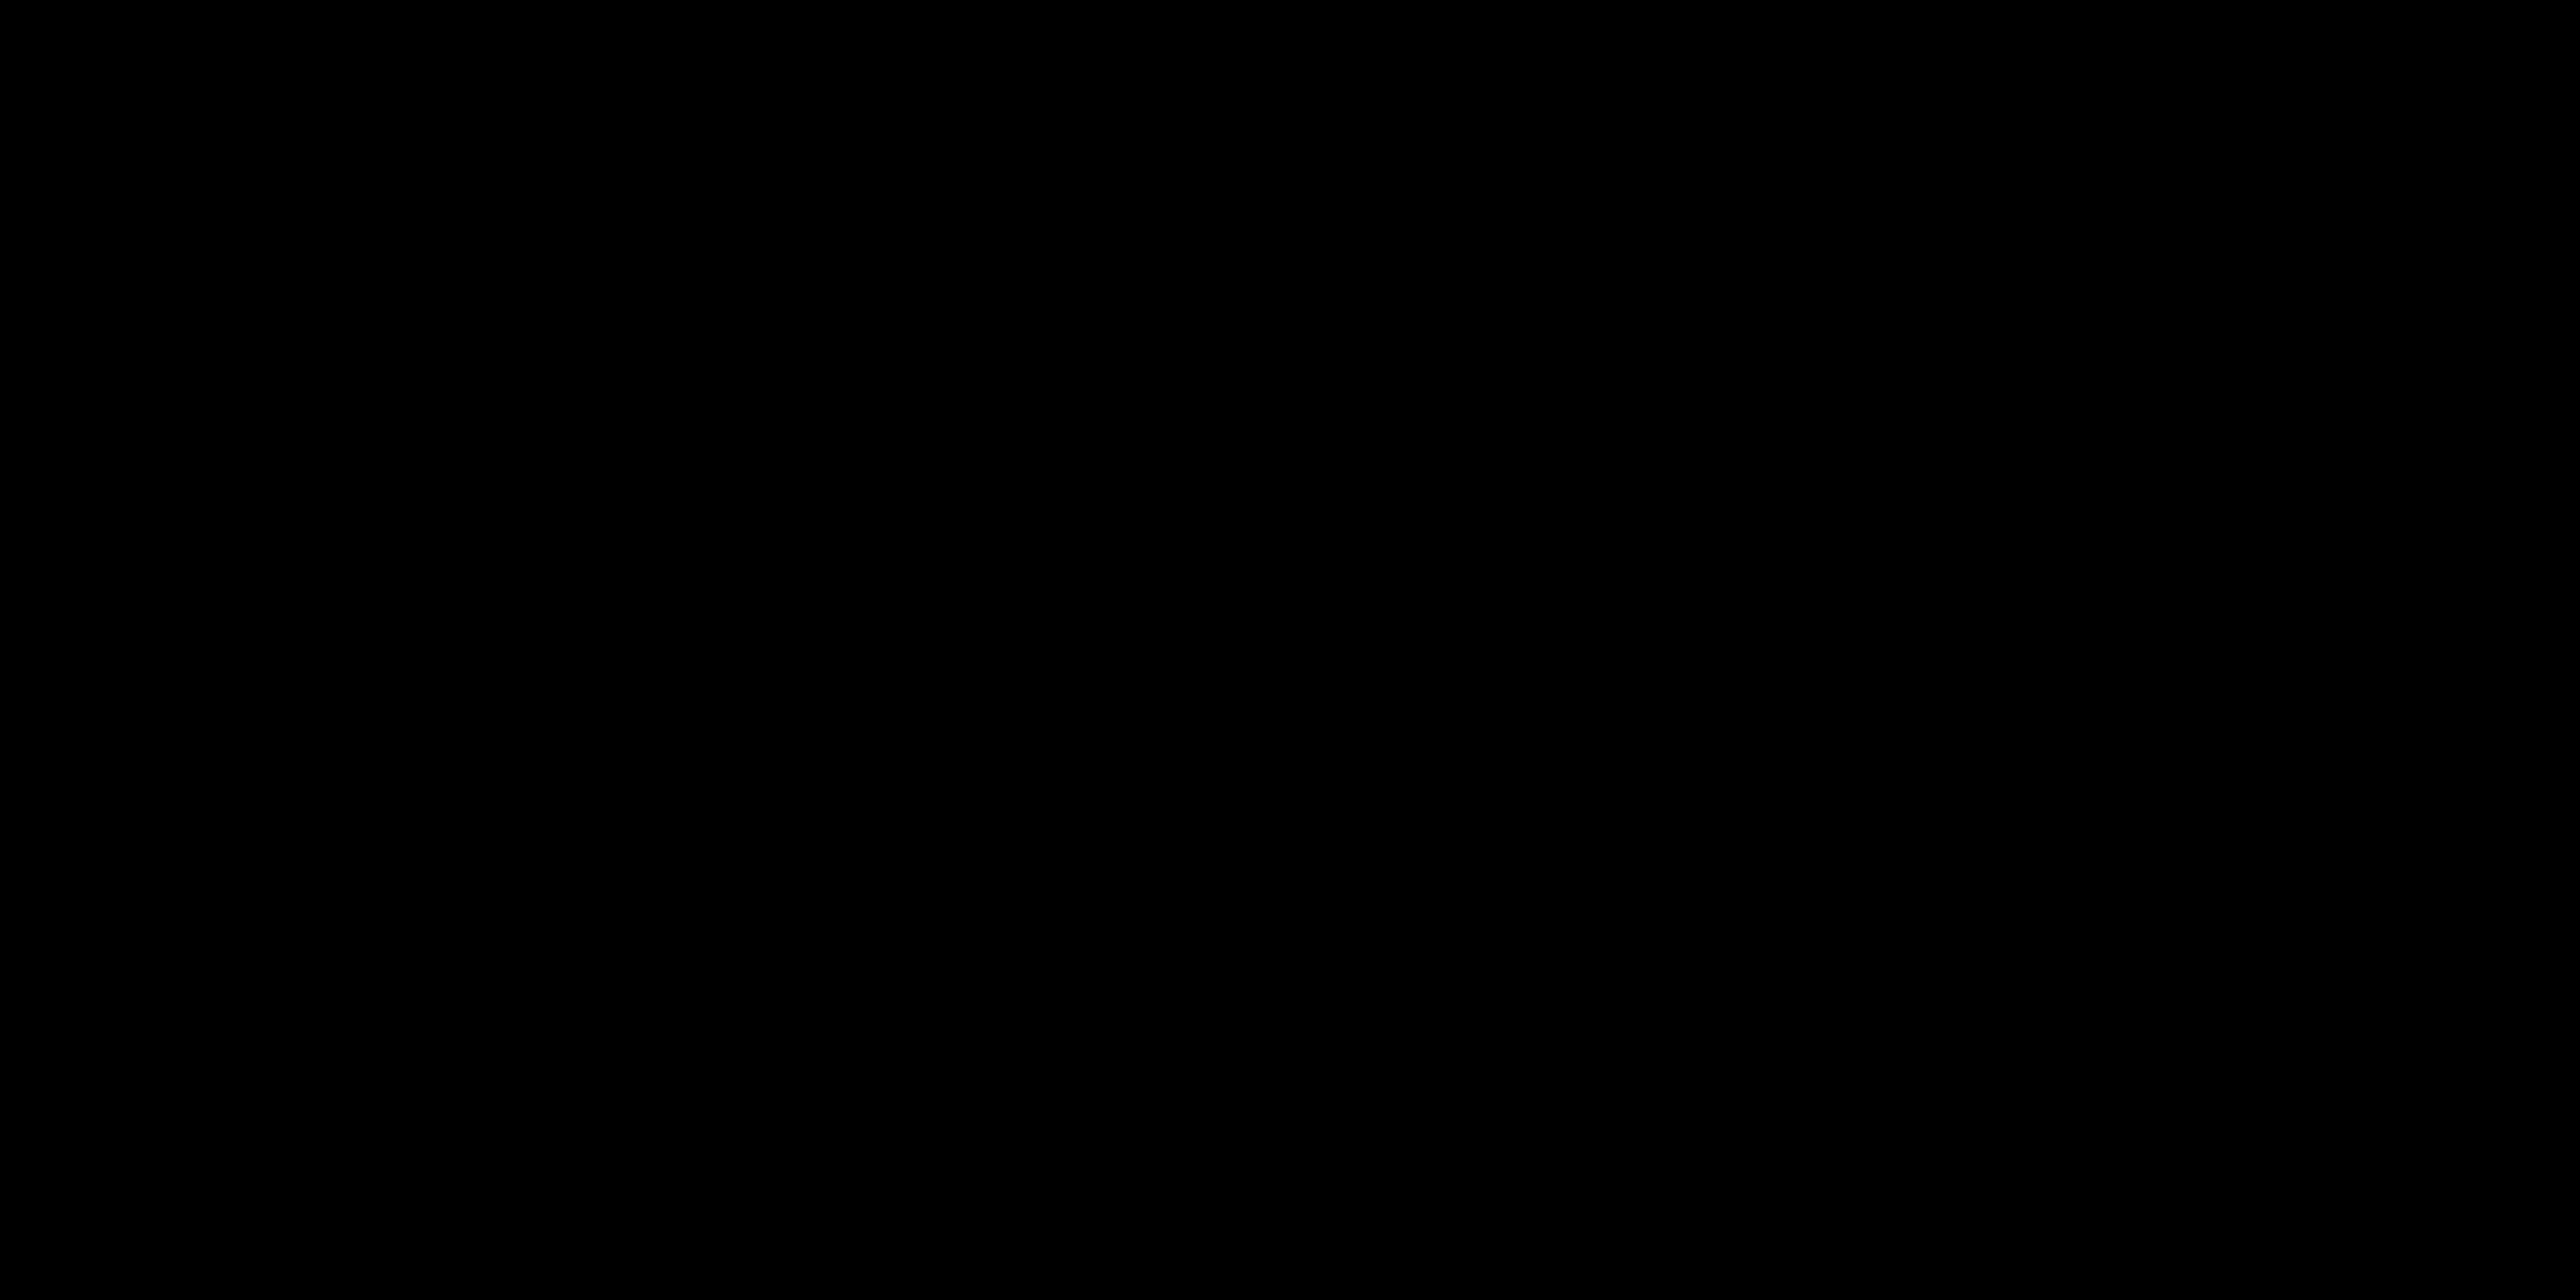 O nouă ediție a Alba Iulia City Race. Peste 700 de alergători sunt așteptați să ia parte la competiție